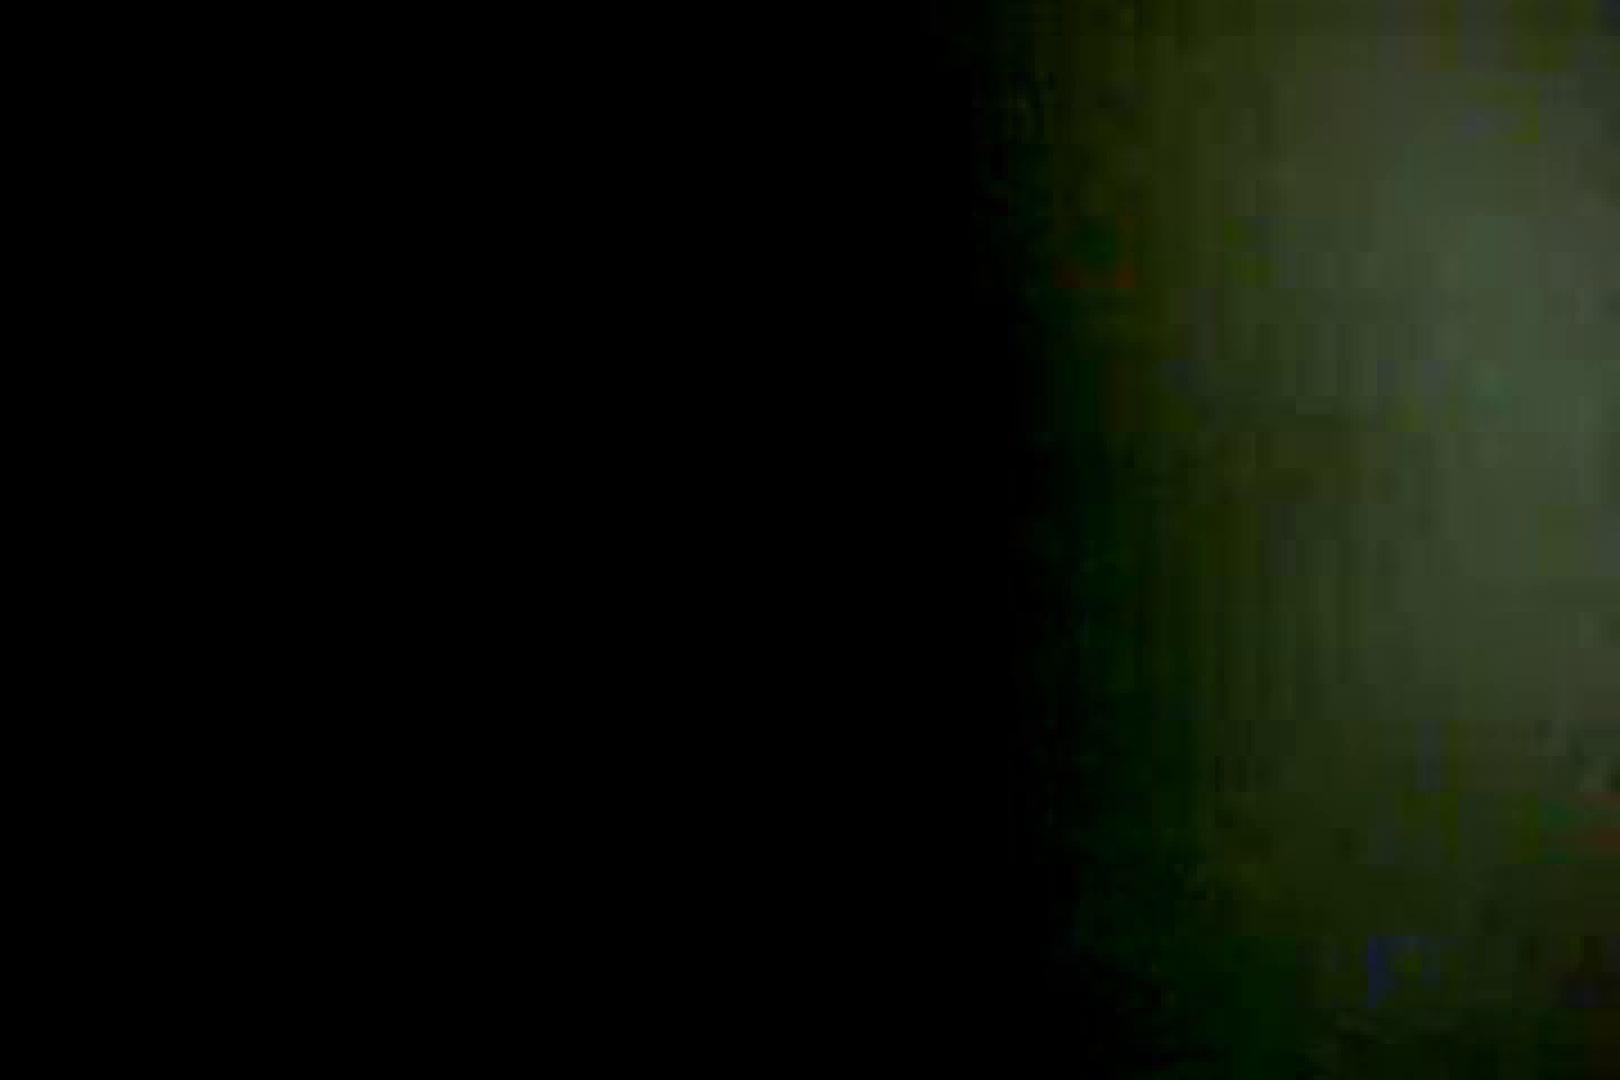 ファイル流出! ! 暗がりでの怪しいファック メンズ流出映像 ゲイ流出動画キャプチャ 49画像 43